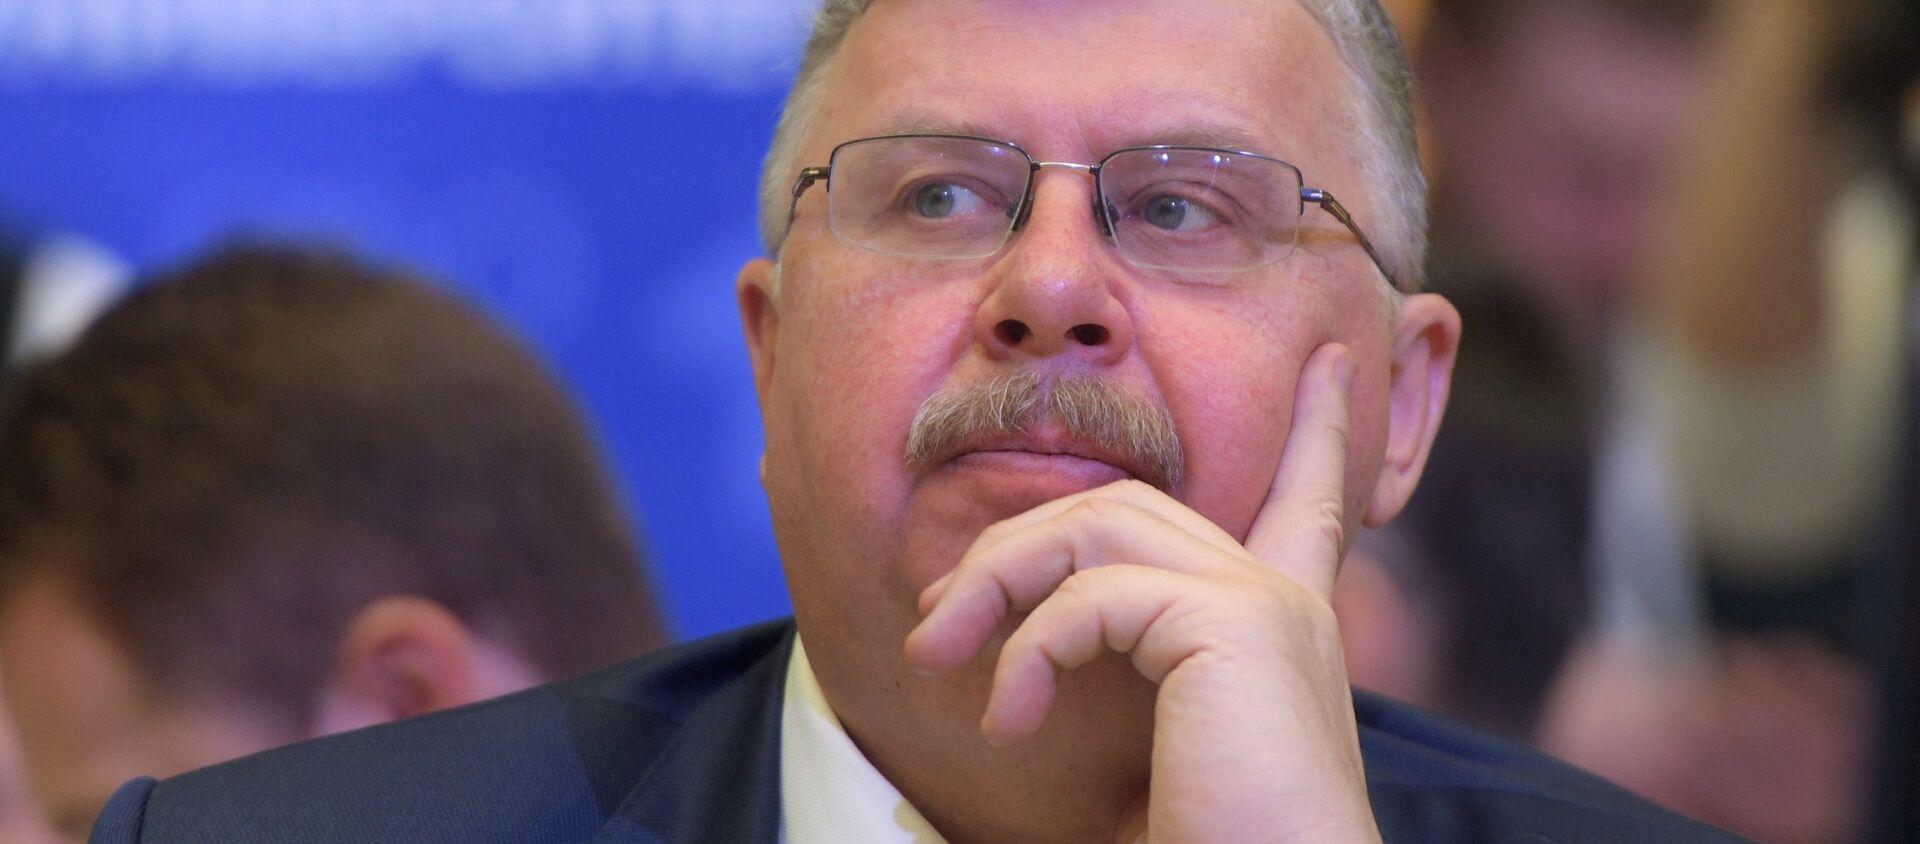 Председатель правления Евразийского банка развития Андрей Бельянинов, архивное фото - Sputnik Узбекистан, 1920, 12.03.2020